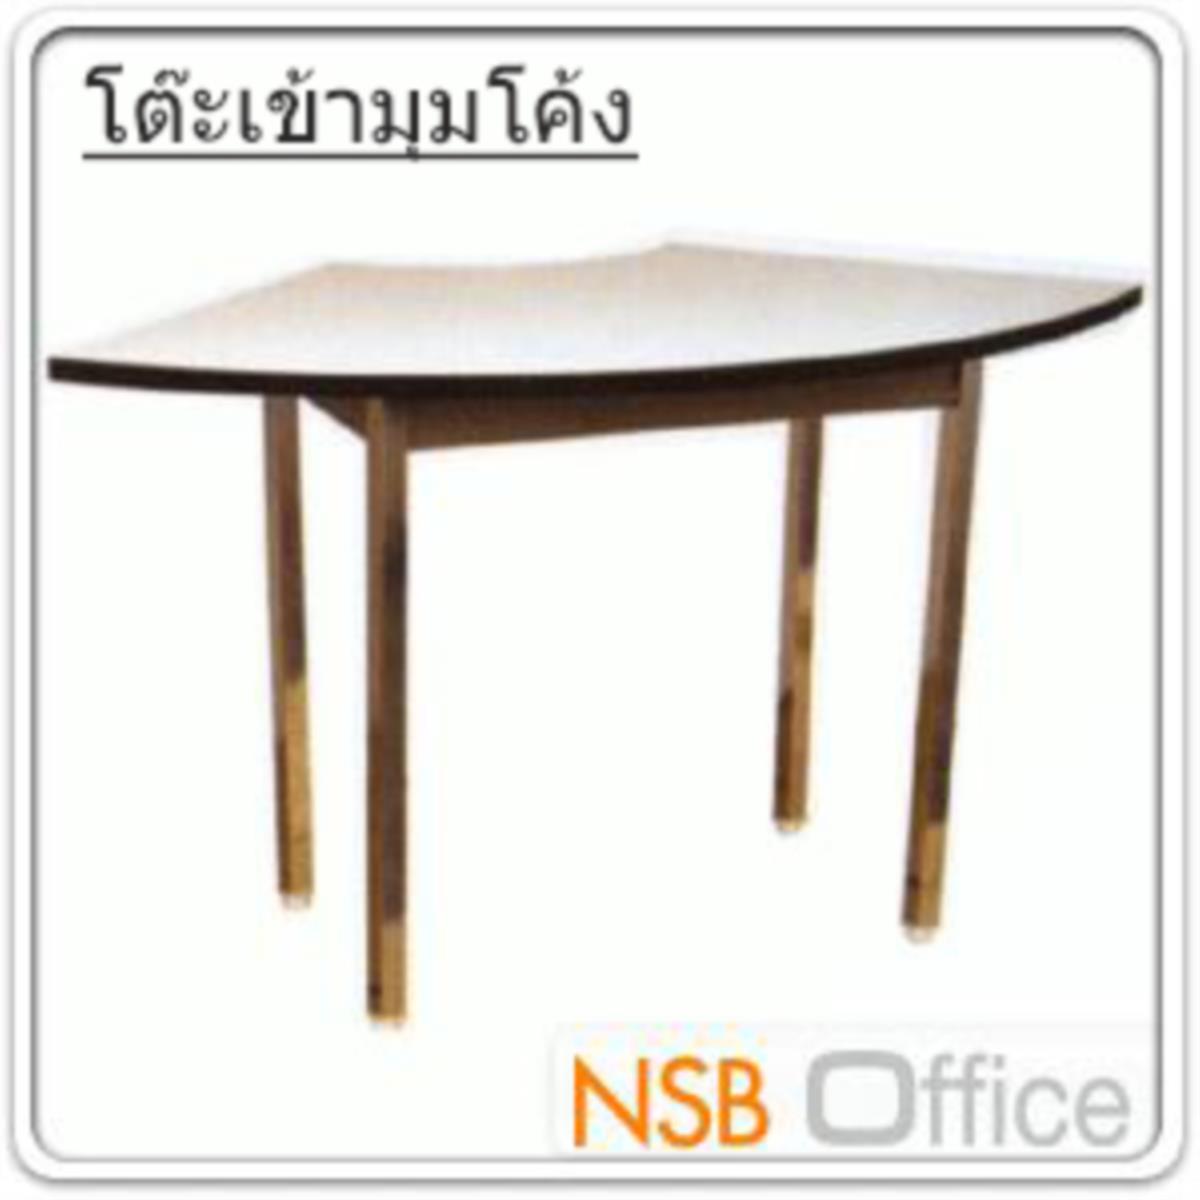 โต๊ะเข้ามุมหน้าโฟเมก้า 1.1 มม. รุ่น Sumner (ซัมเนอร์) ขนาด 91W cm. ขาเหล็กชุบโครเมี่ยม